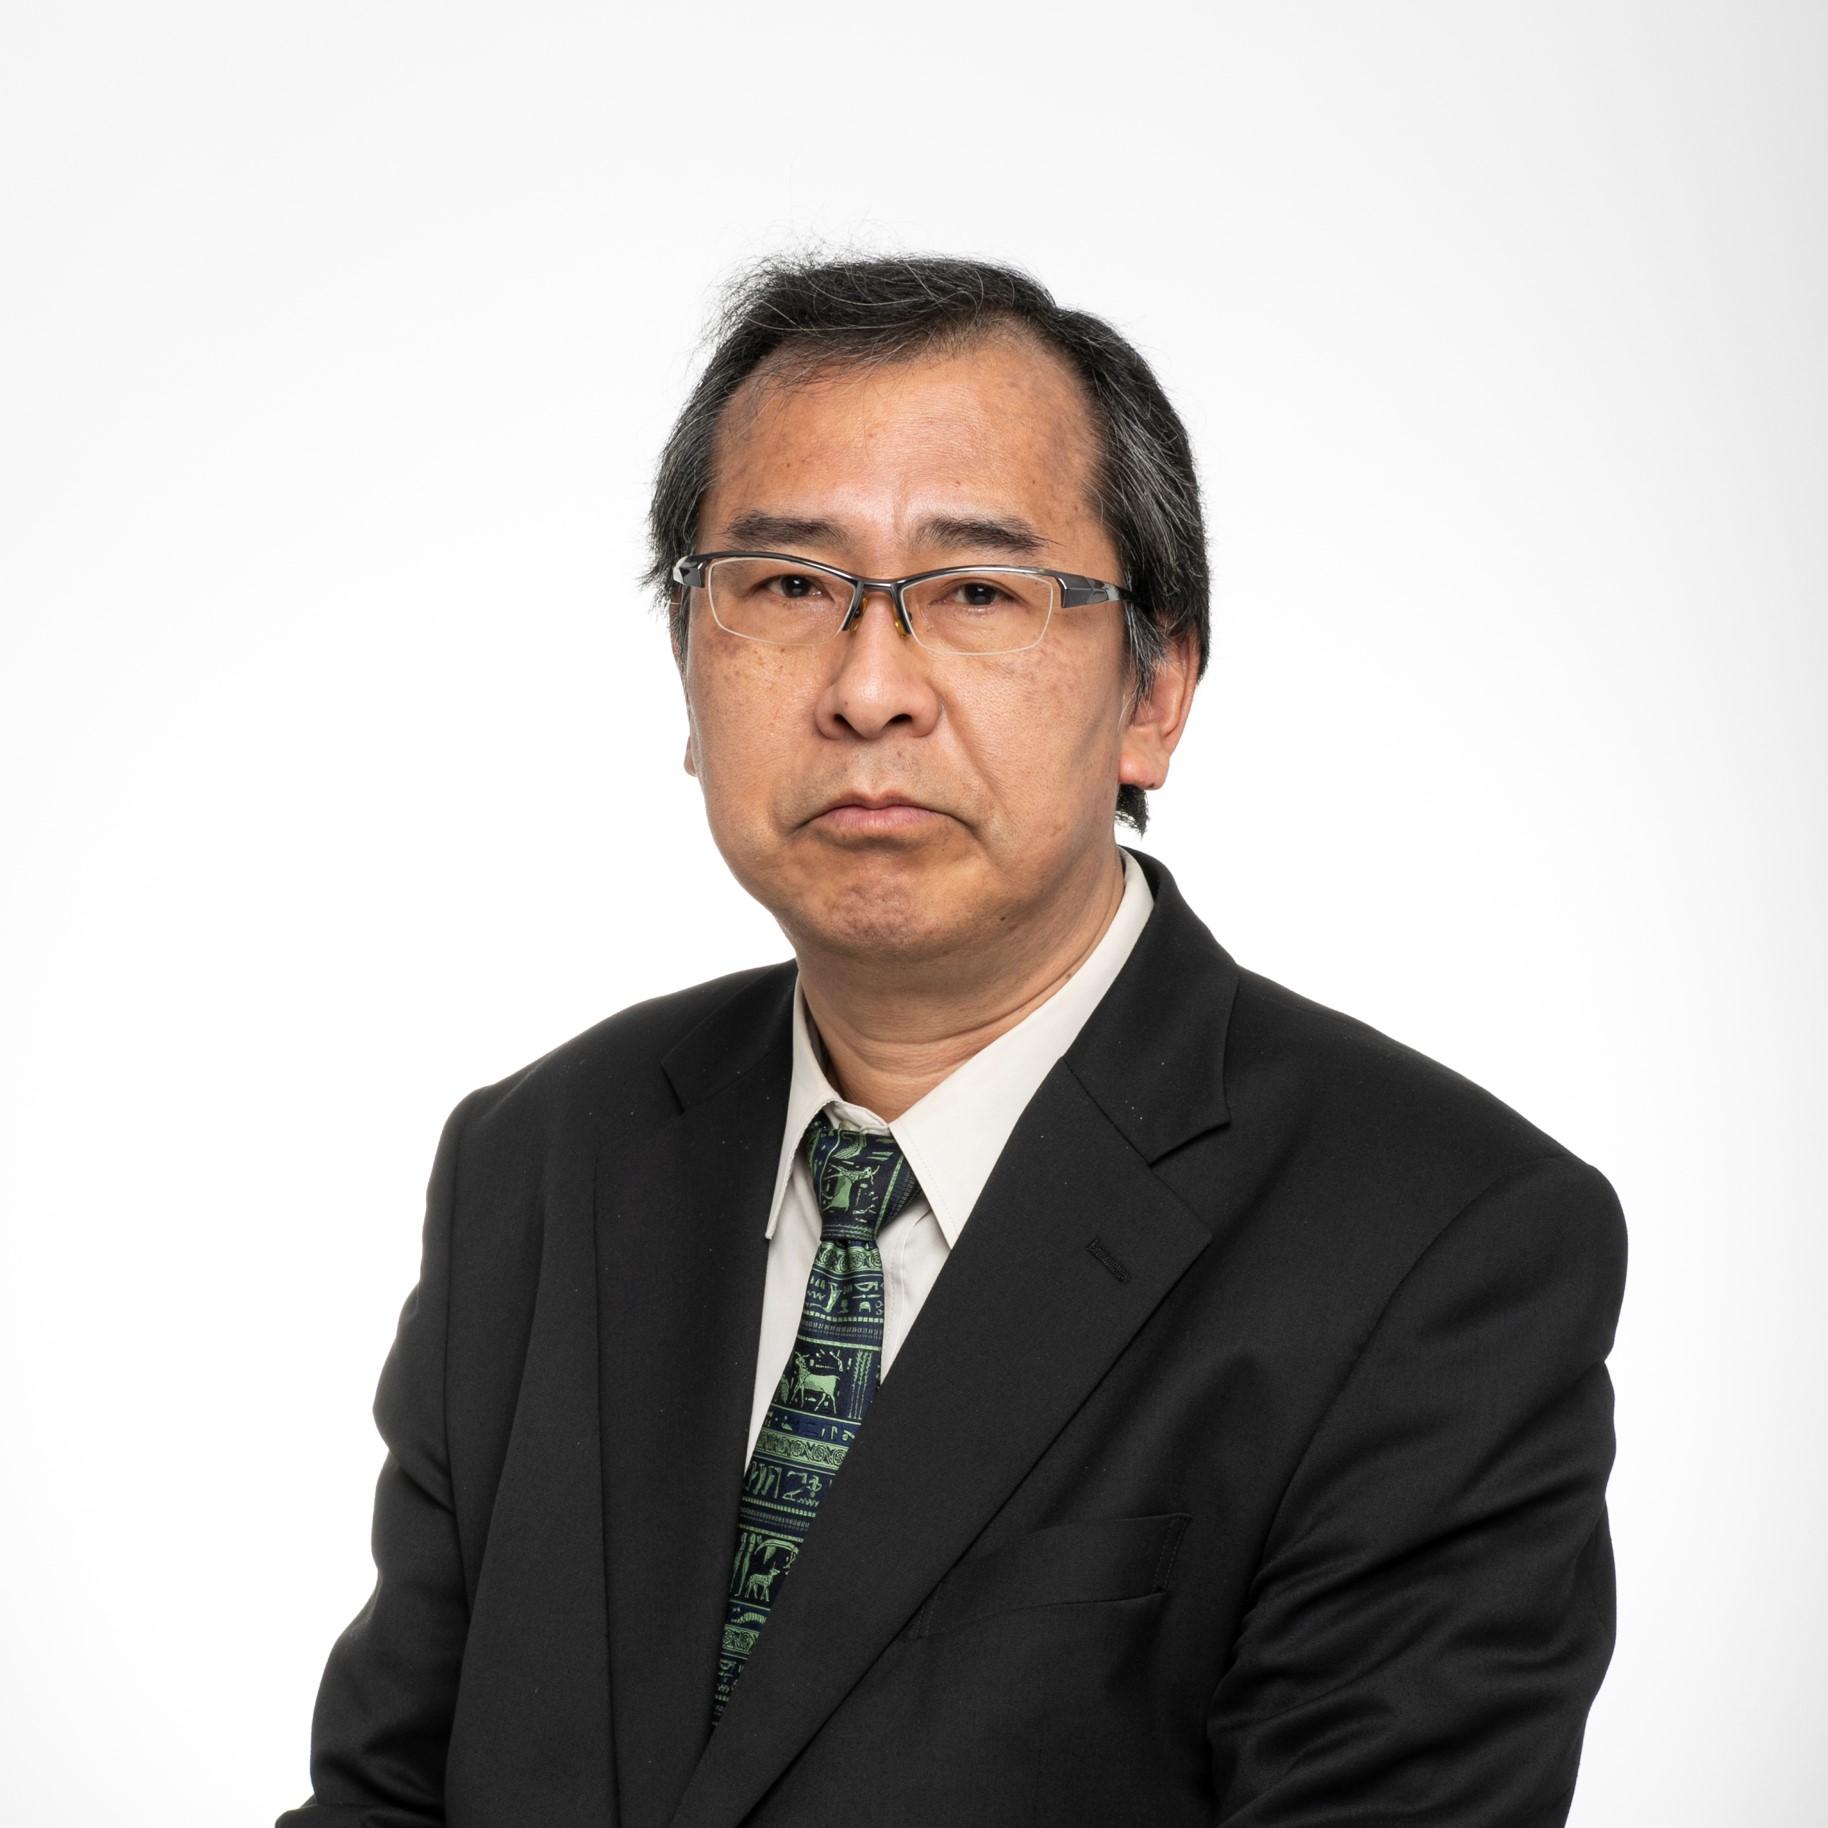 Hideaki Fukuoka